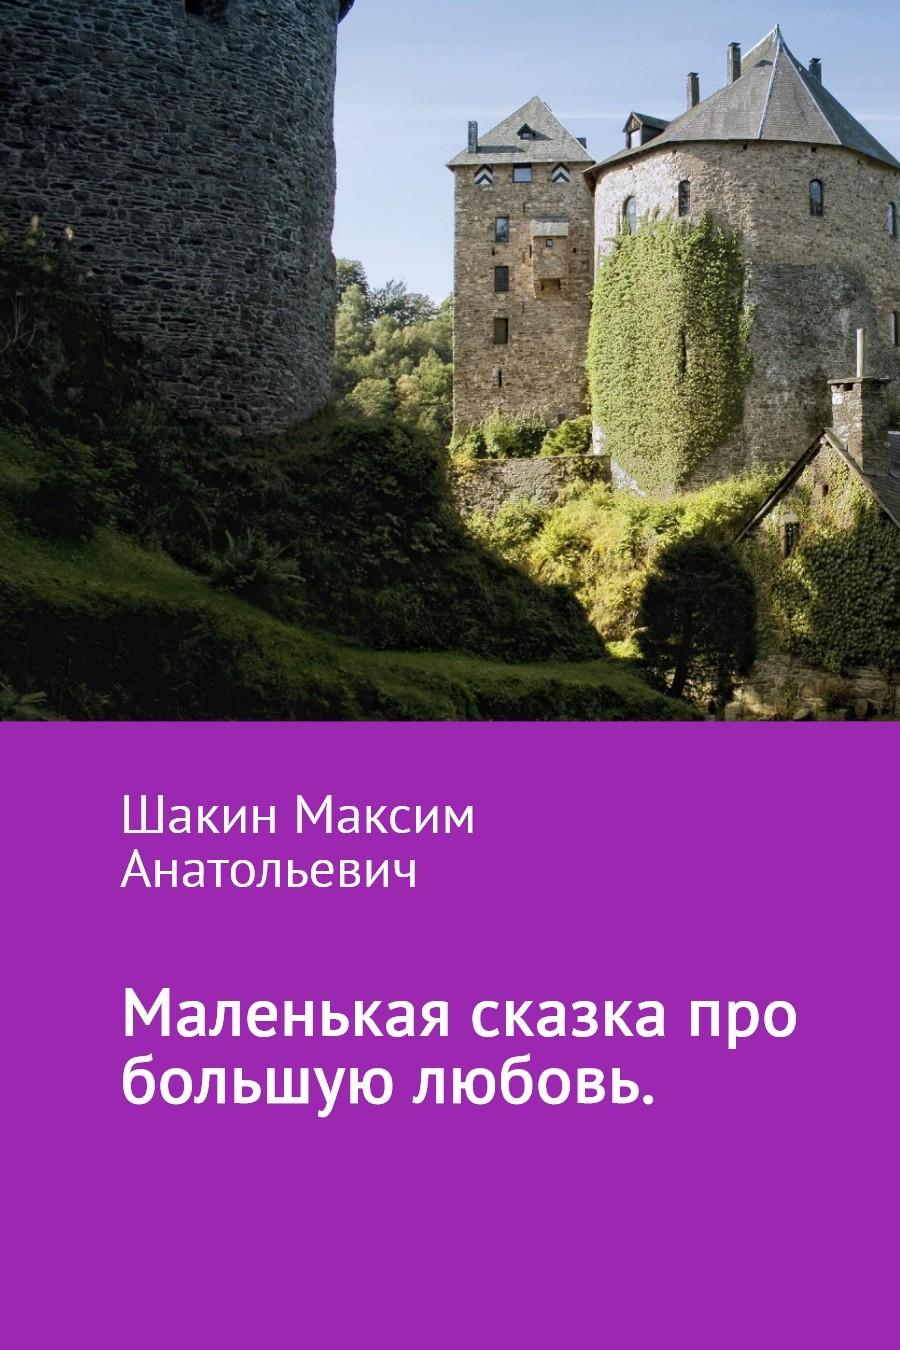 Максим Анатольевич Шакин Маленькая сказка про большую любовь любовь и честь